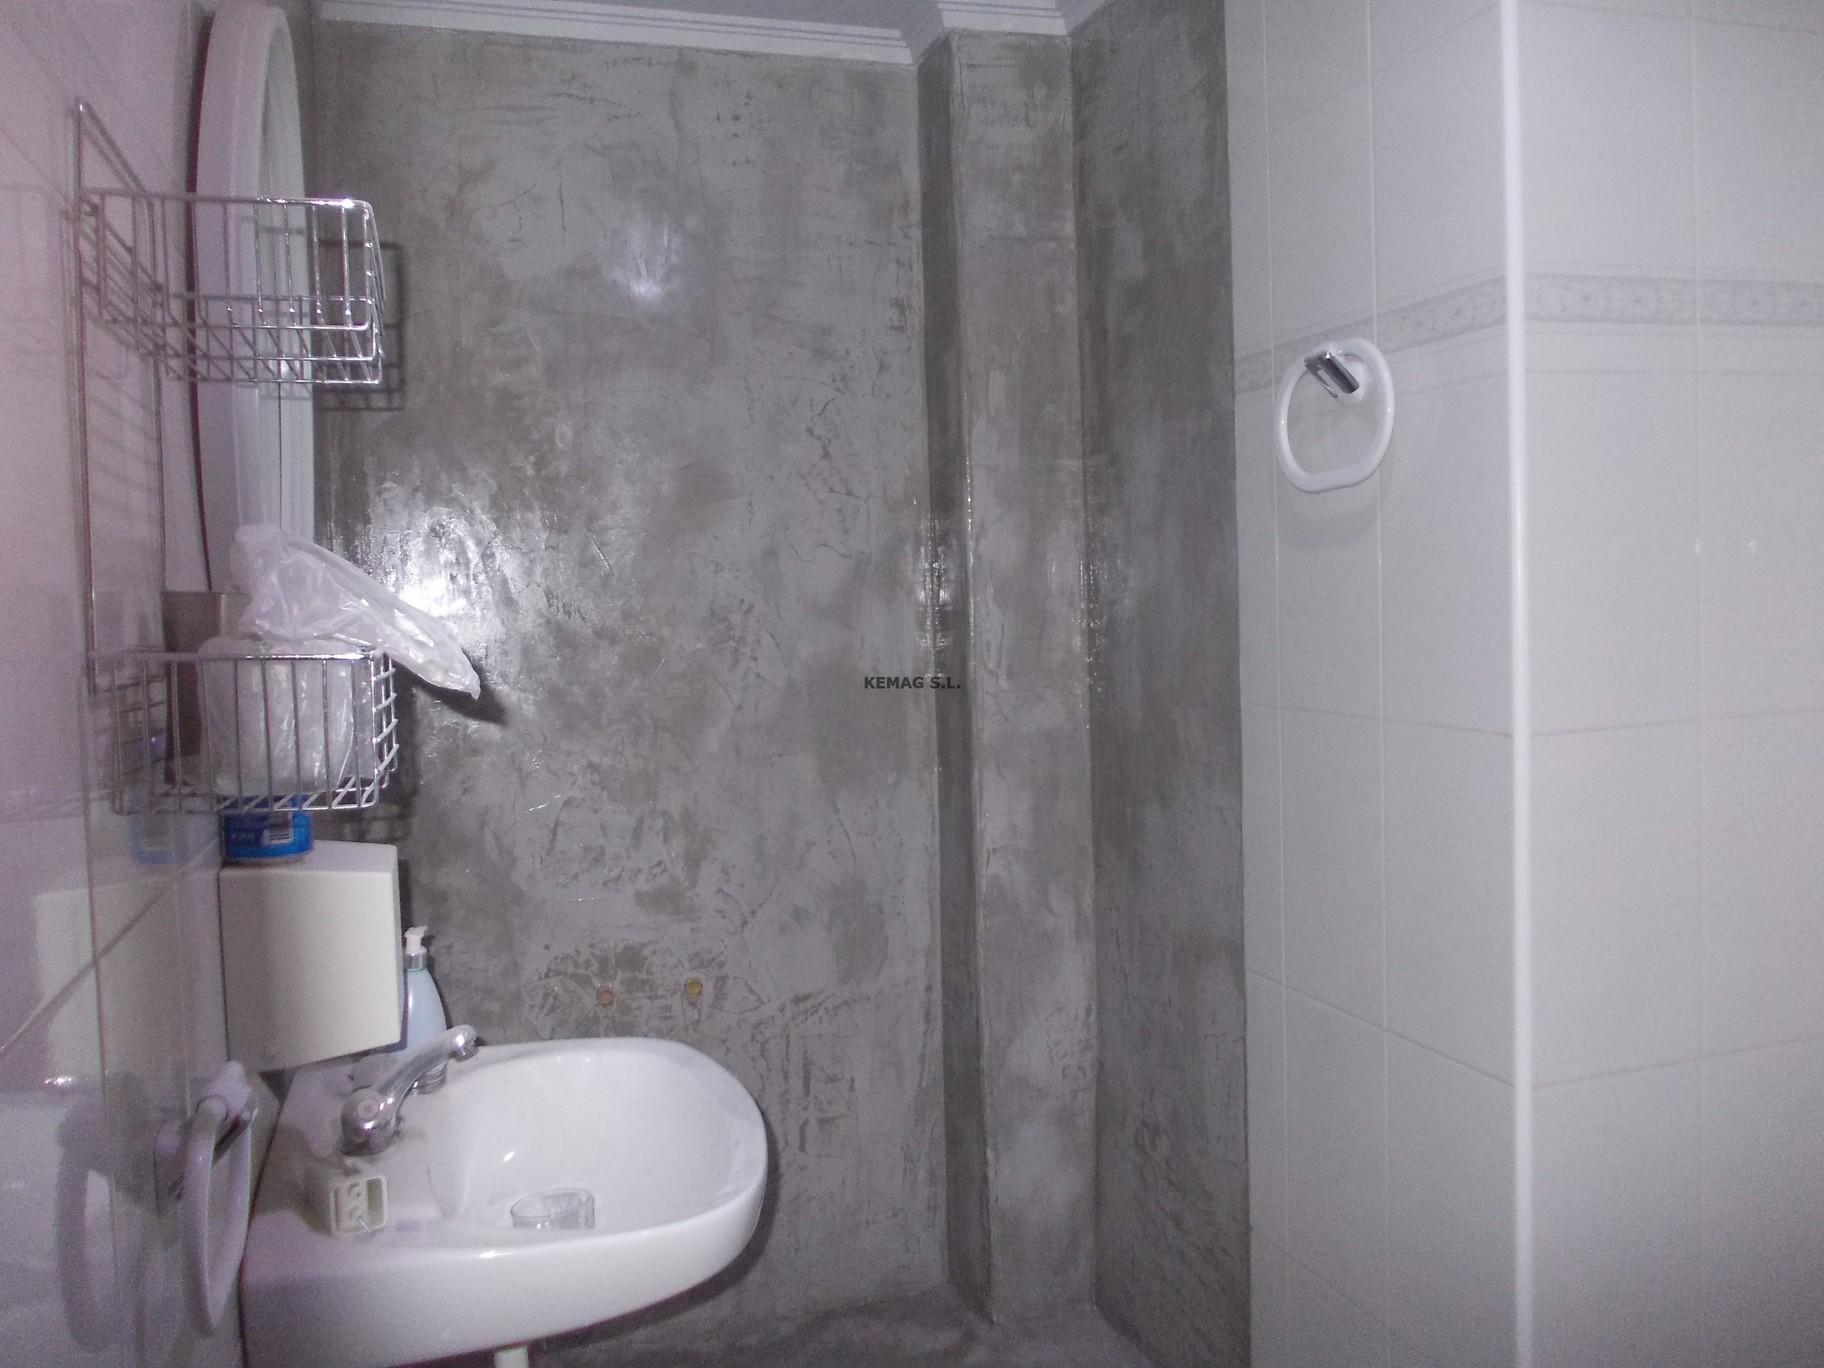 Microcemento en us rbil guipuzcoa kemag pavimentos - Microcemento sobre azulejos ...